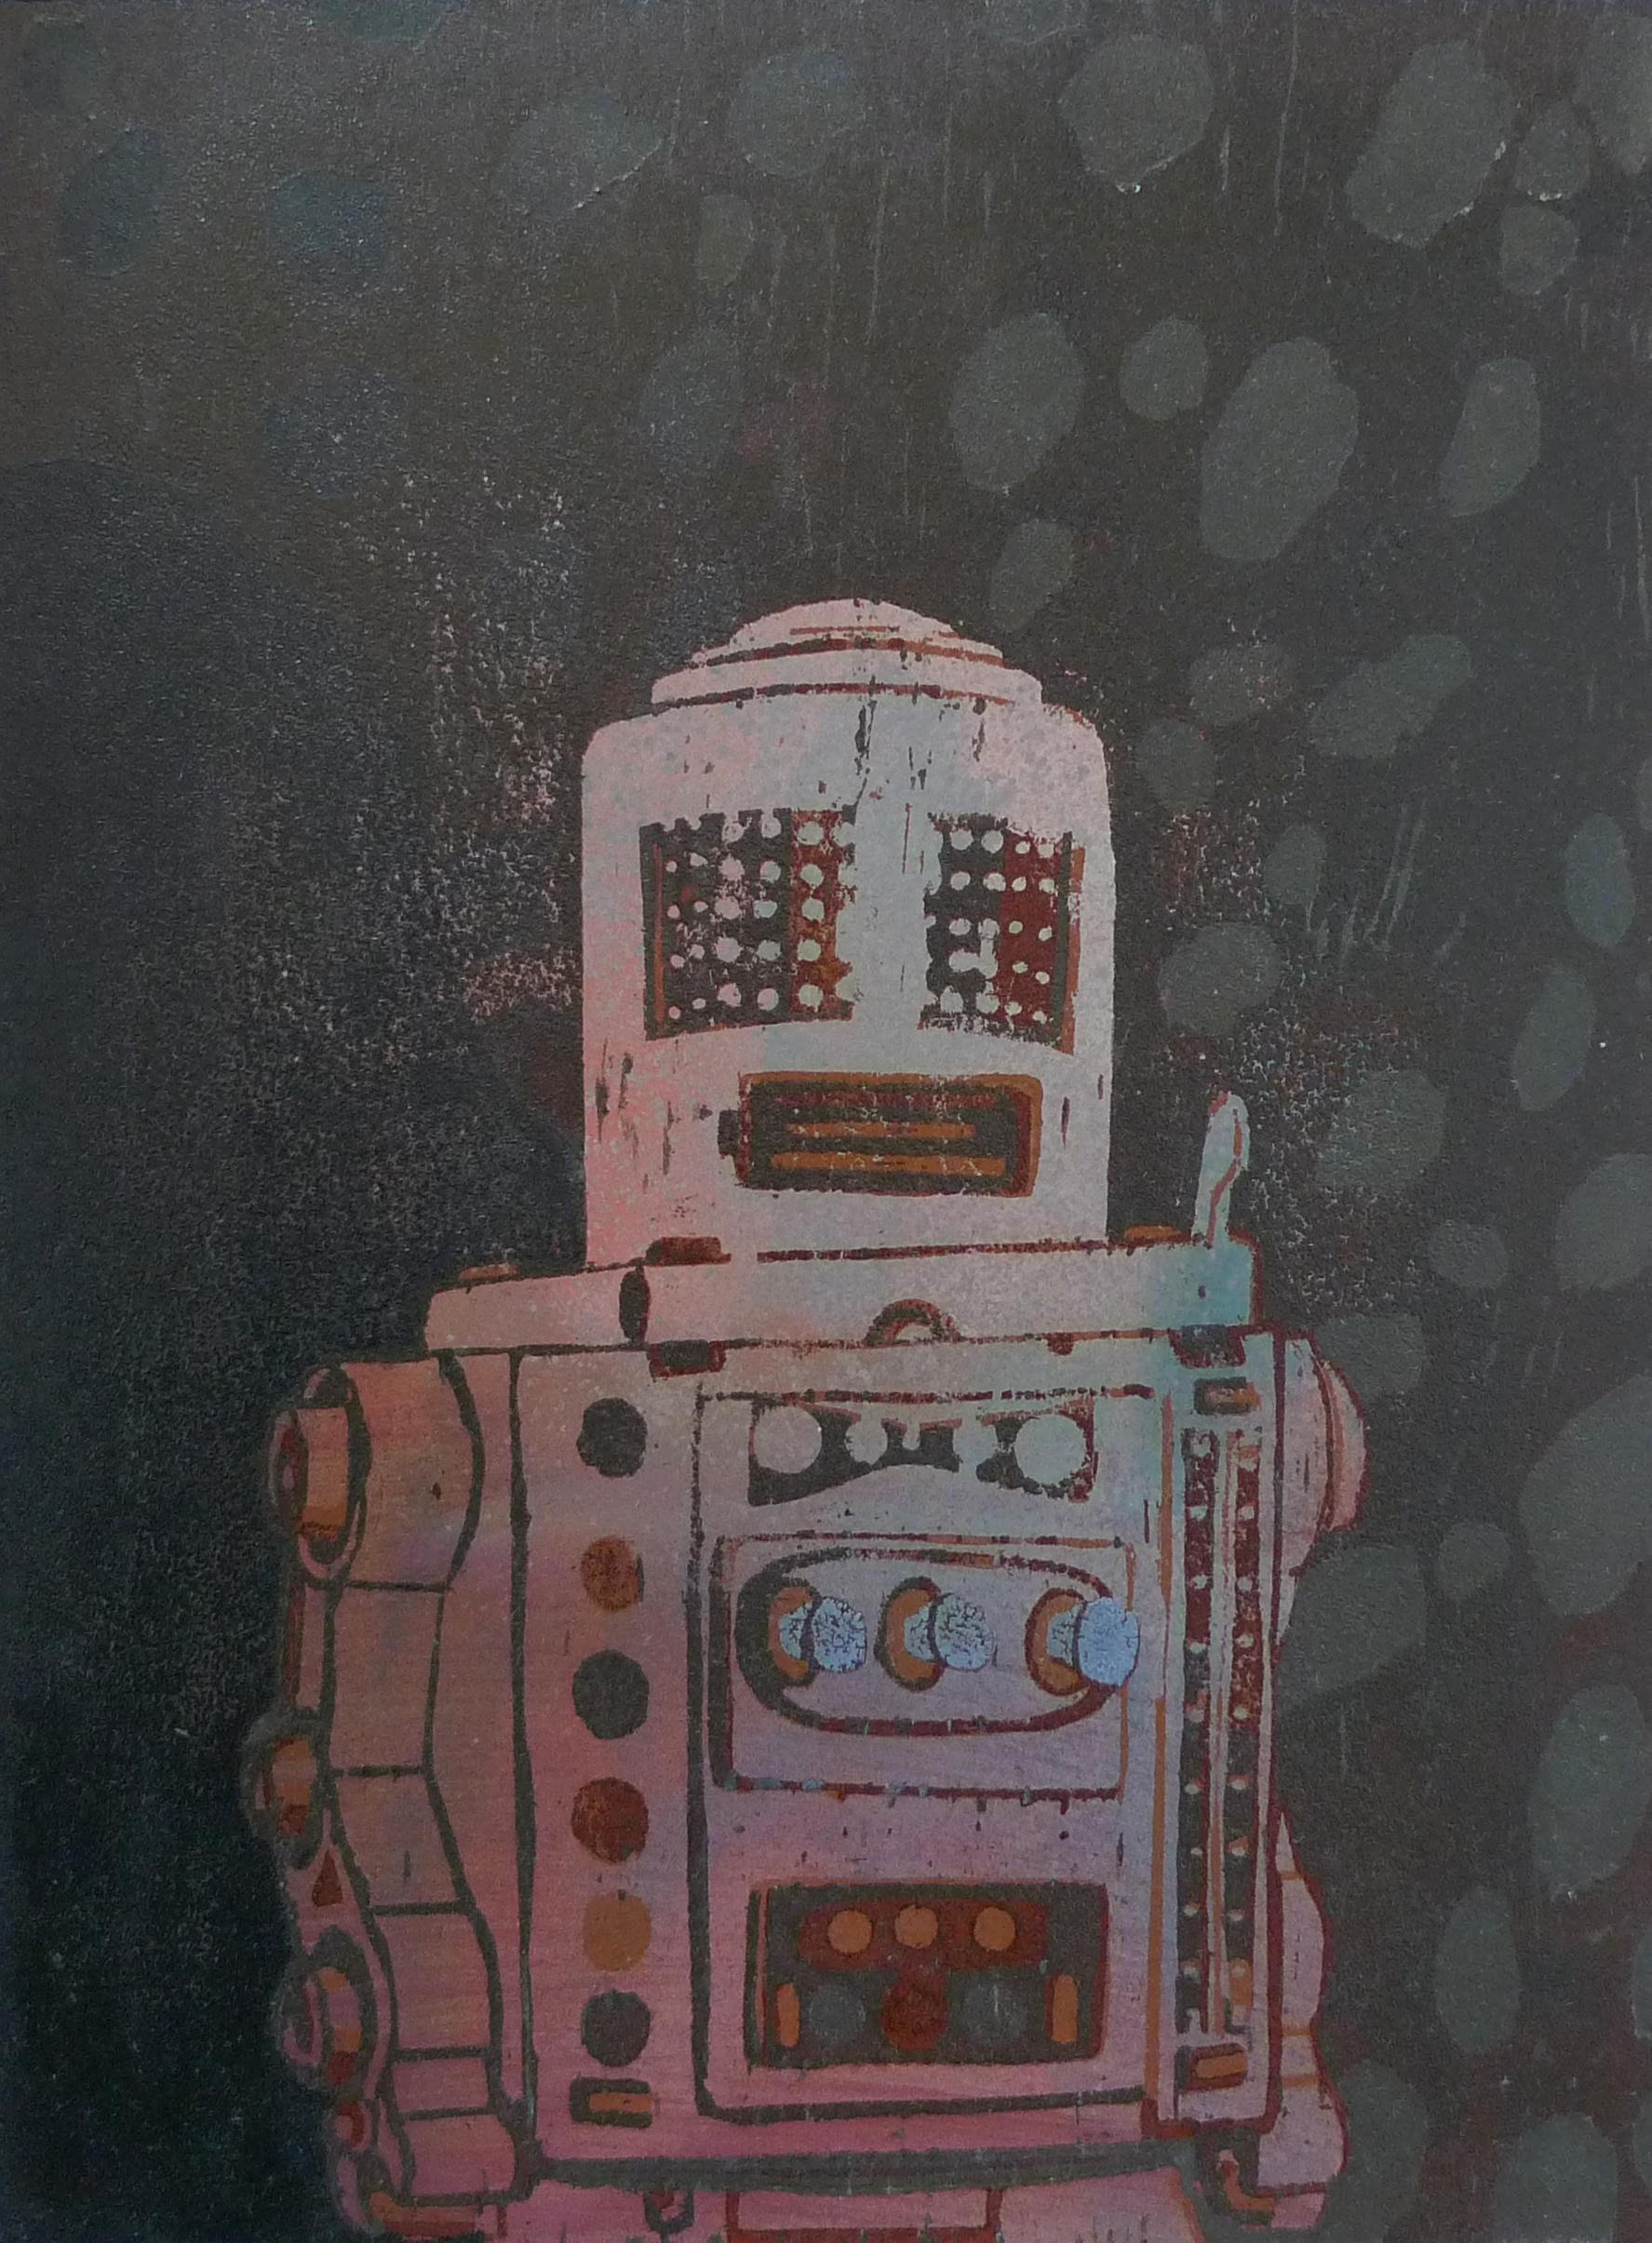 Guy Allott_Robot_IV_1214.jpg